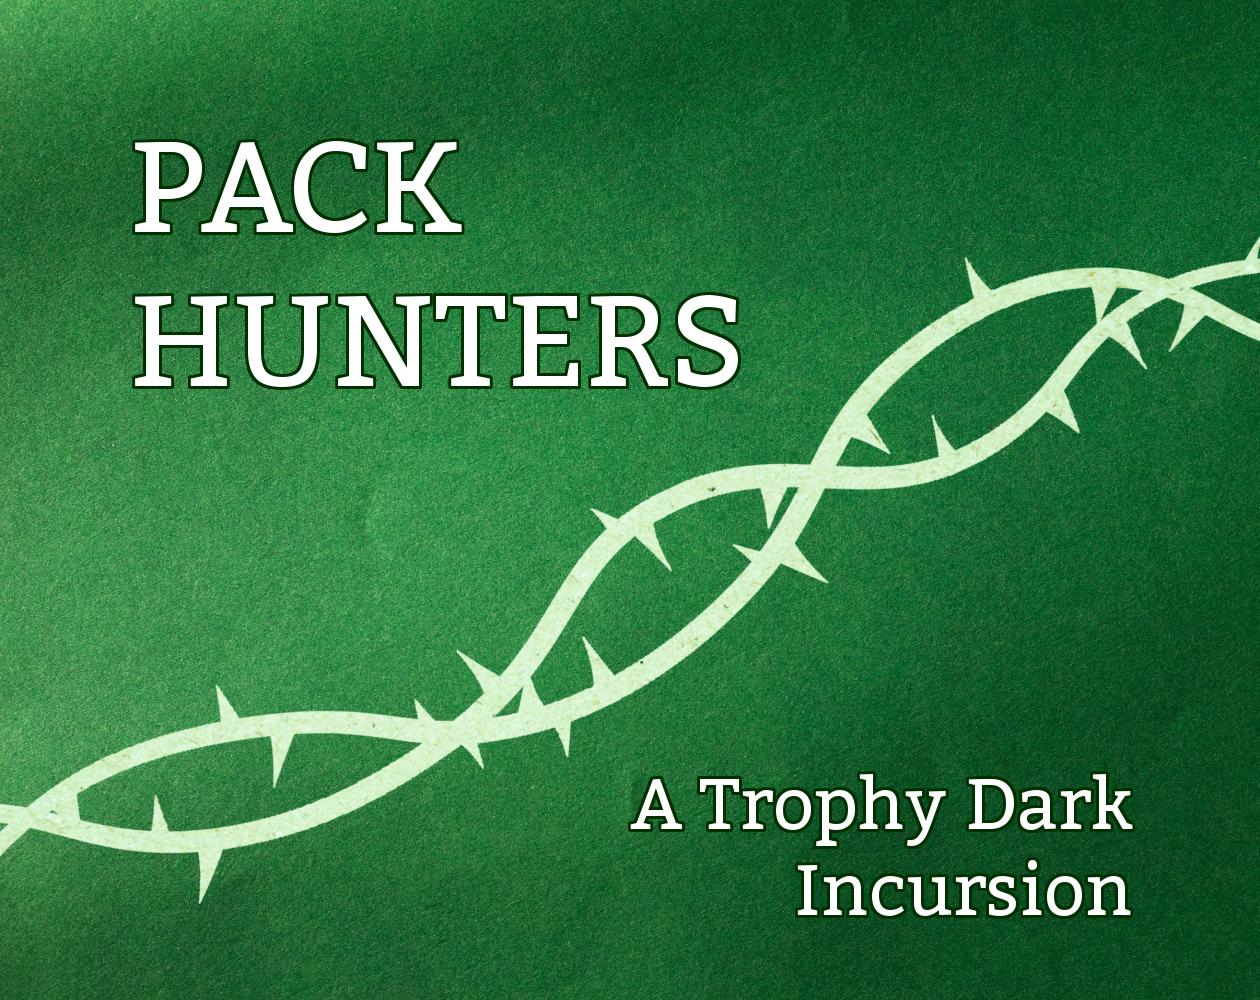 Pack Hunters: A Trophy Dark Incursion